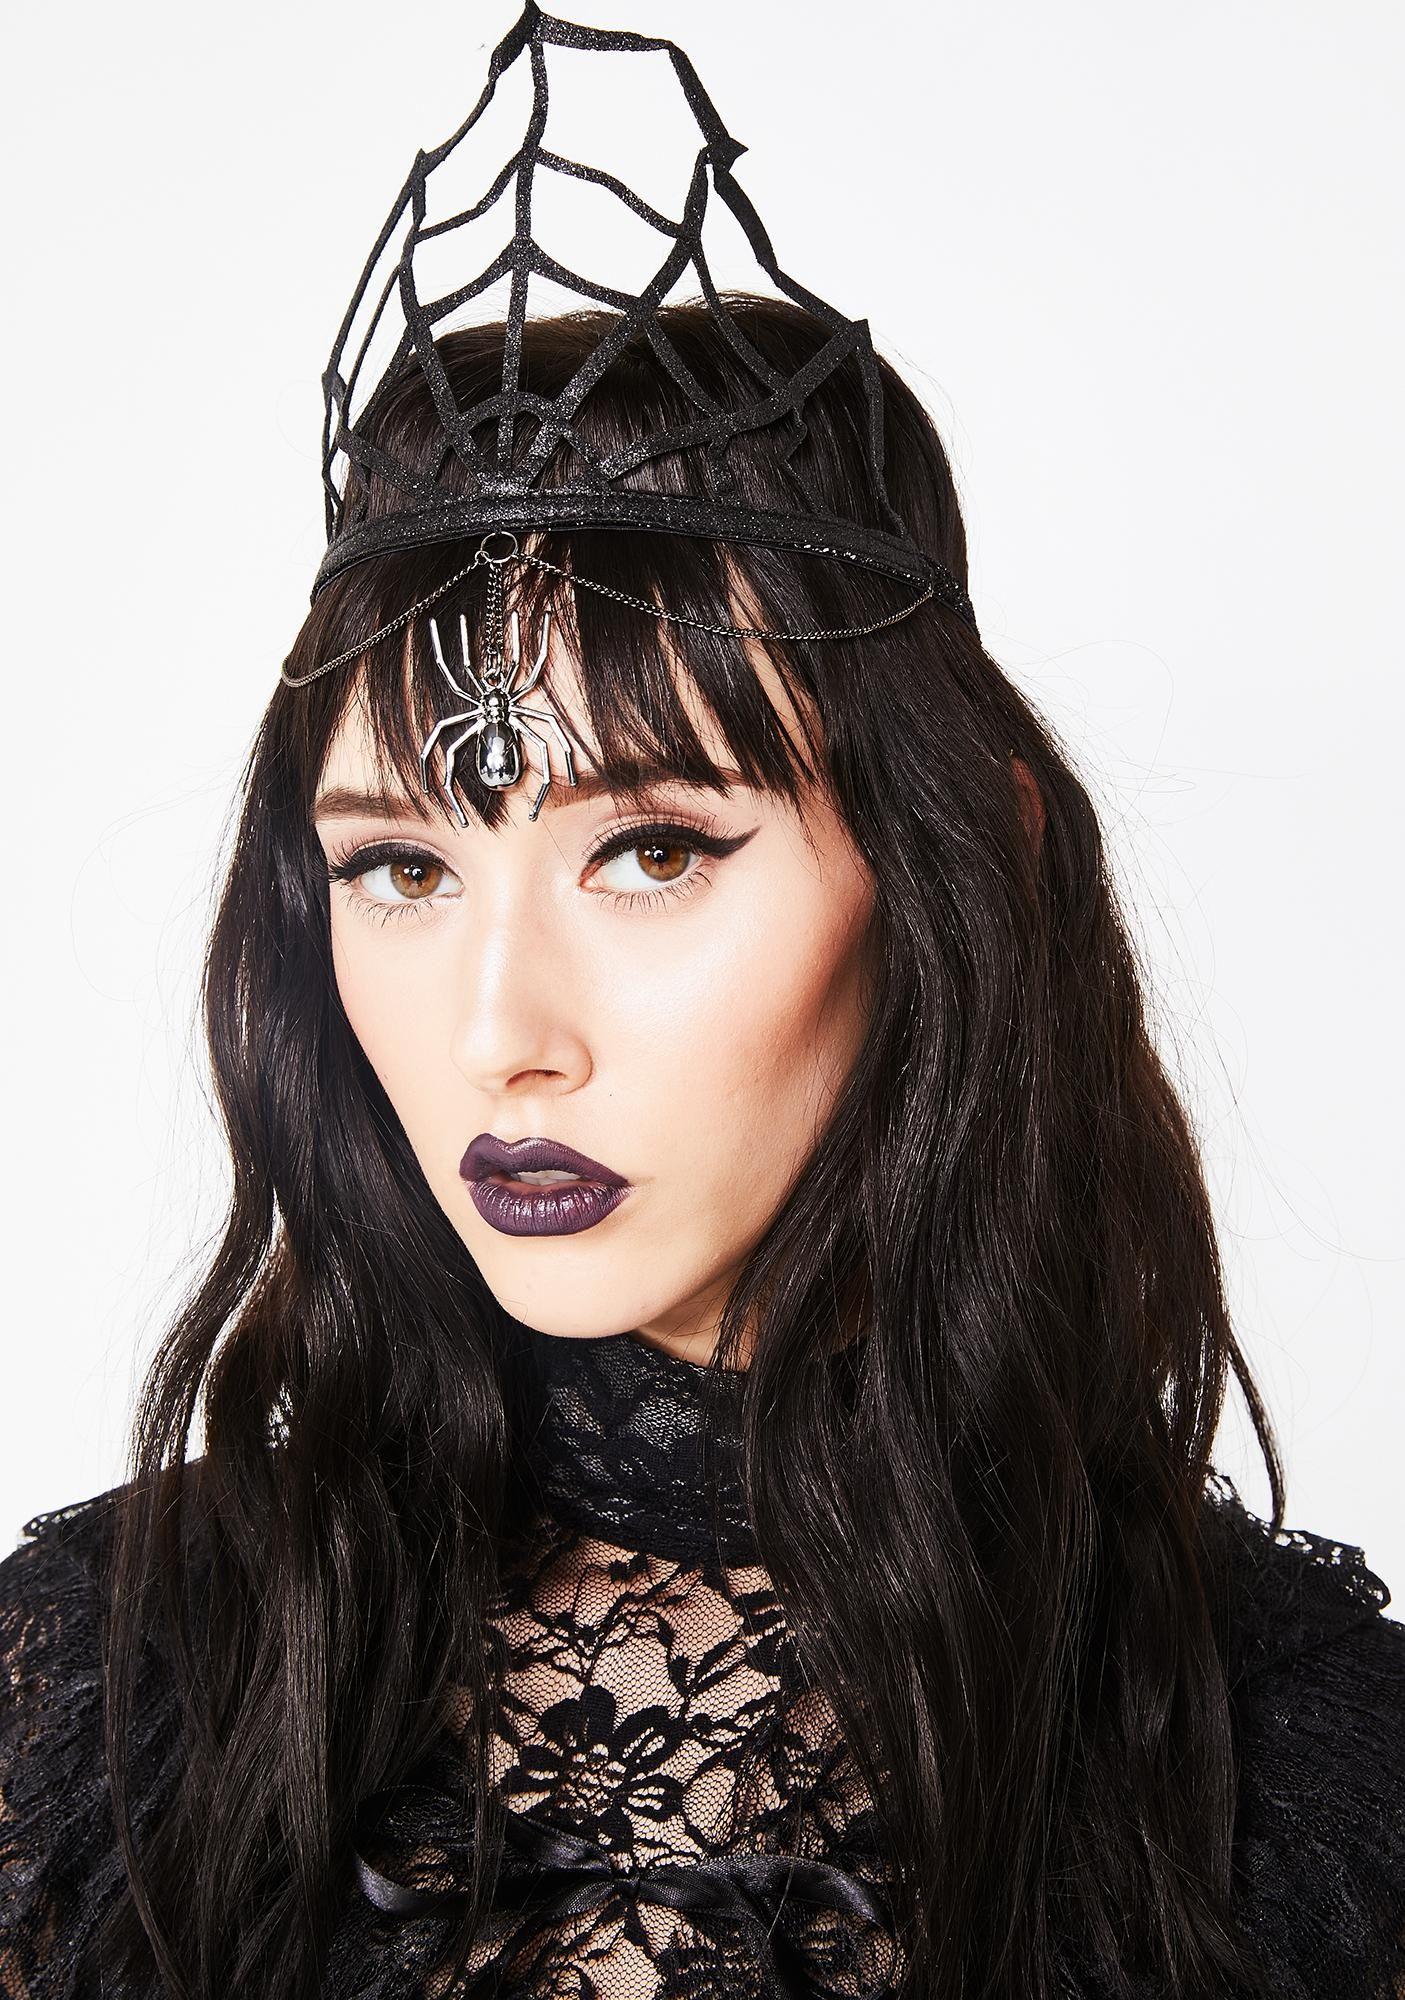 Black Widow Queen Glitter Crown Halloween costume